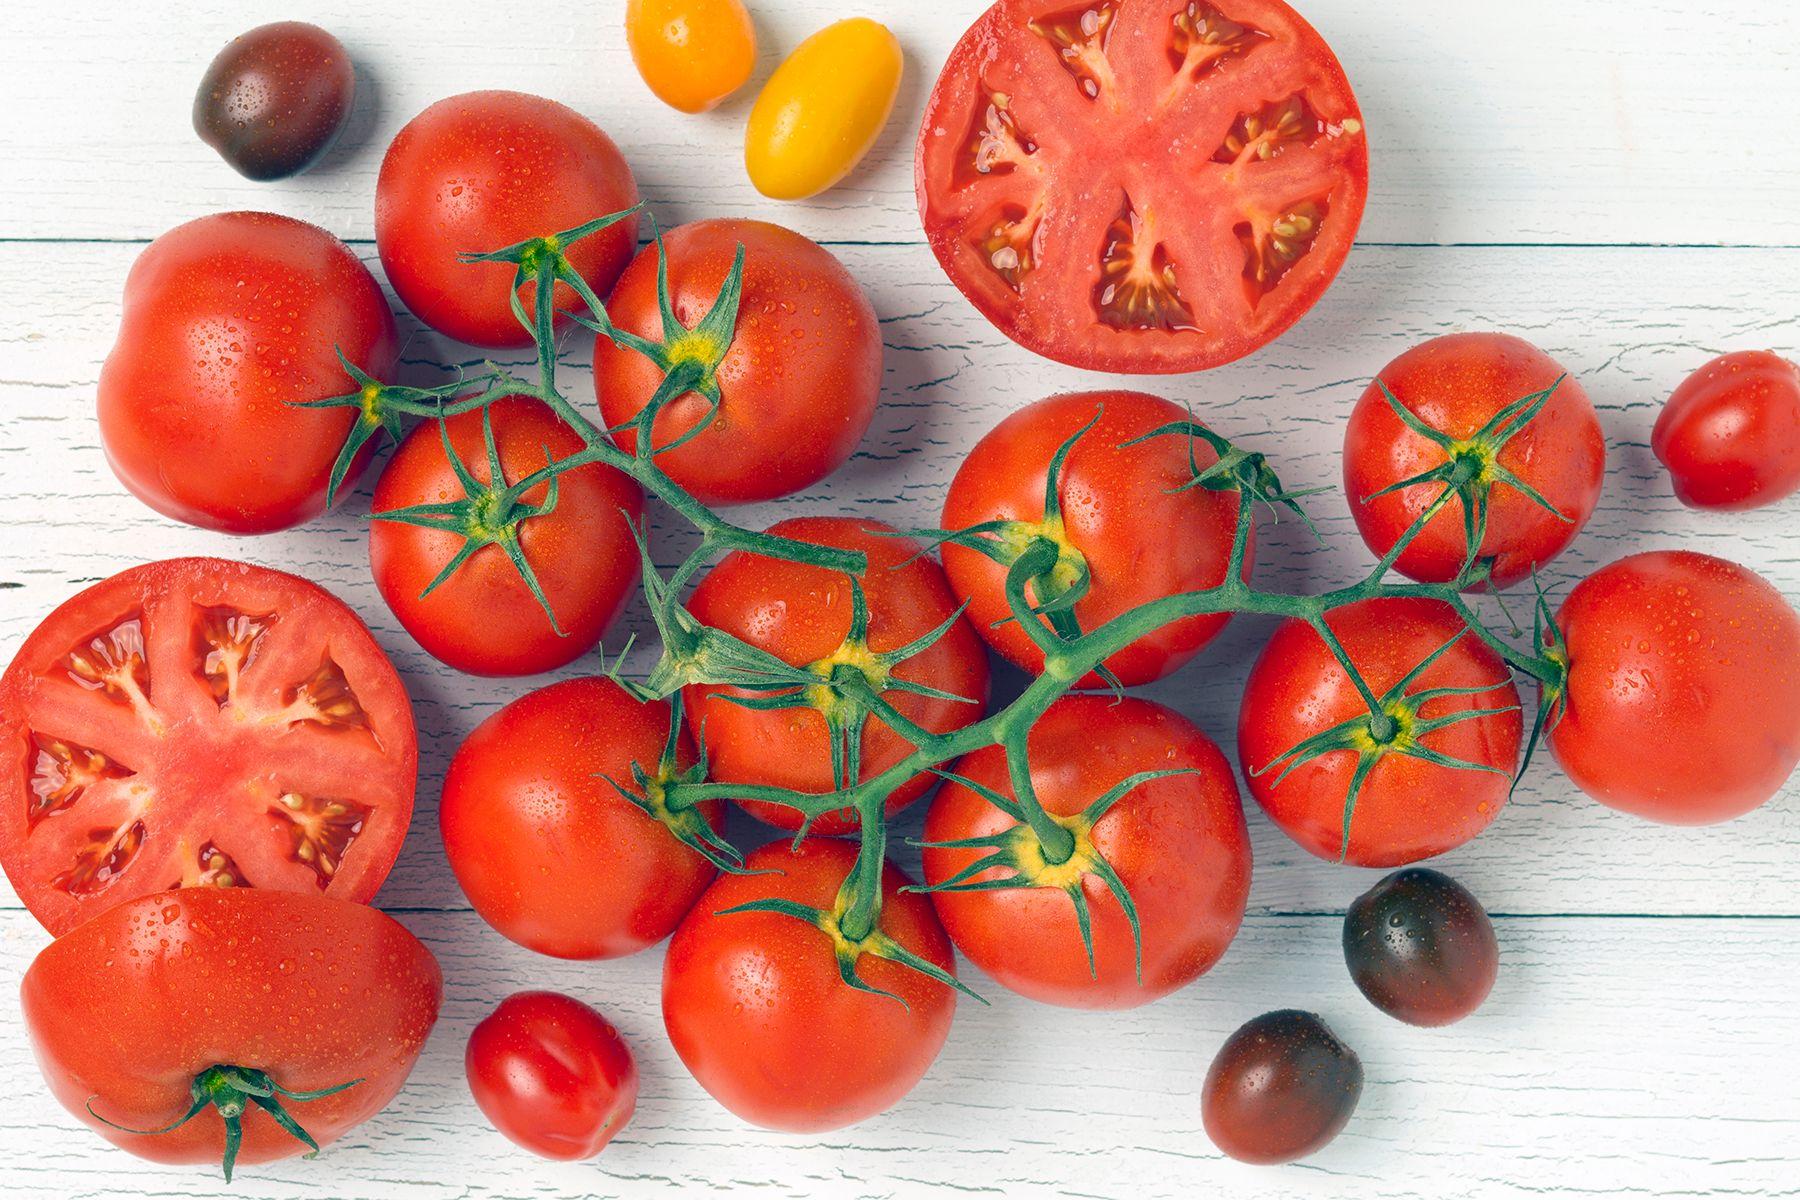 Tomatoes_Vine.jpg